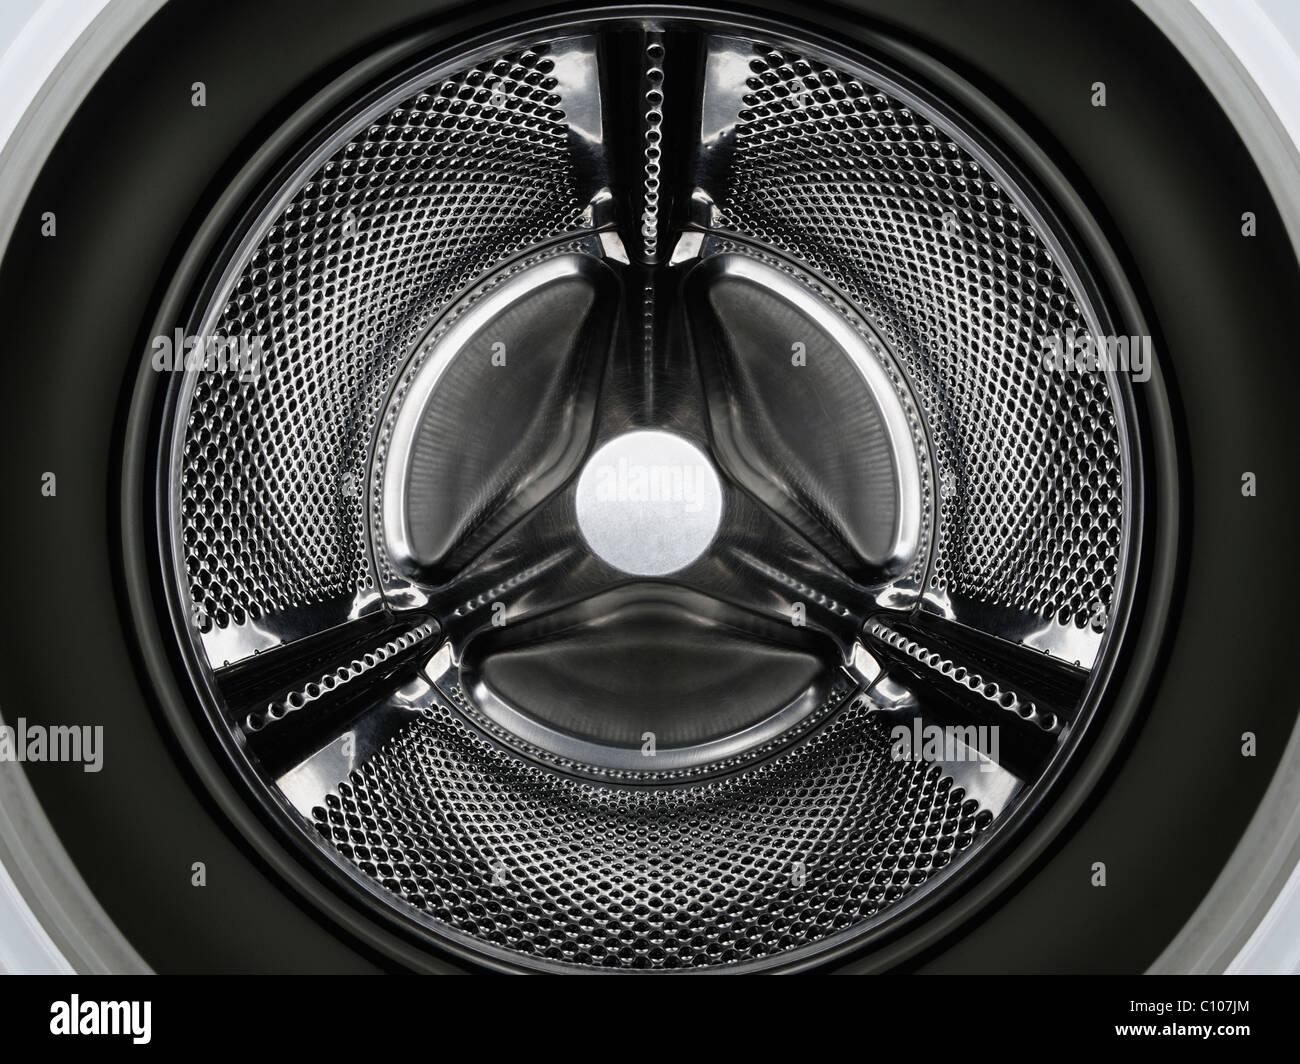 Gut bekannt Waschmaschine Trommel Stockfoto, Bild: 35041404 - Alamy EM41